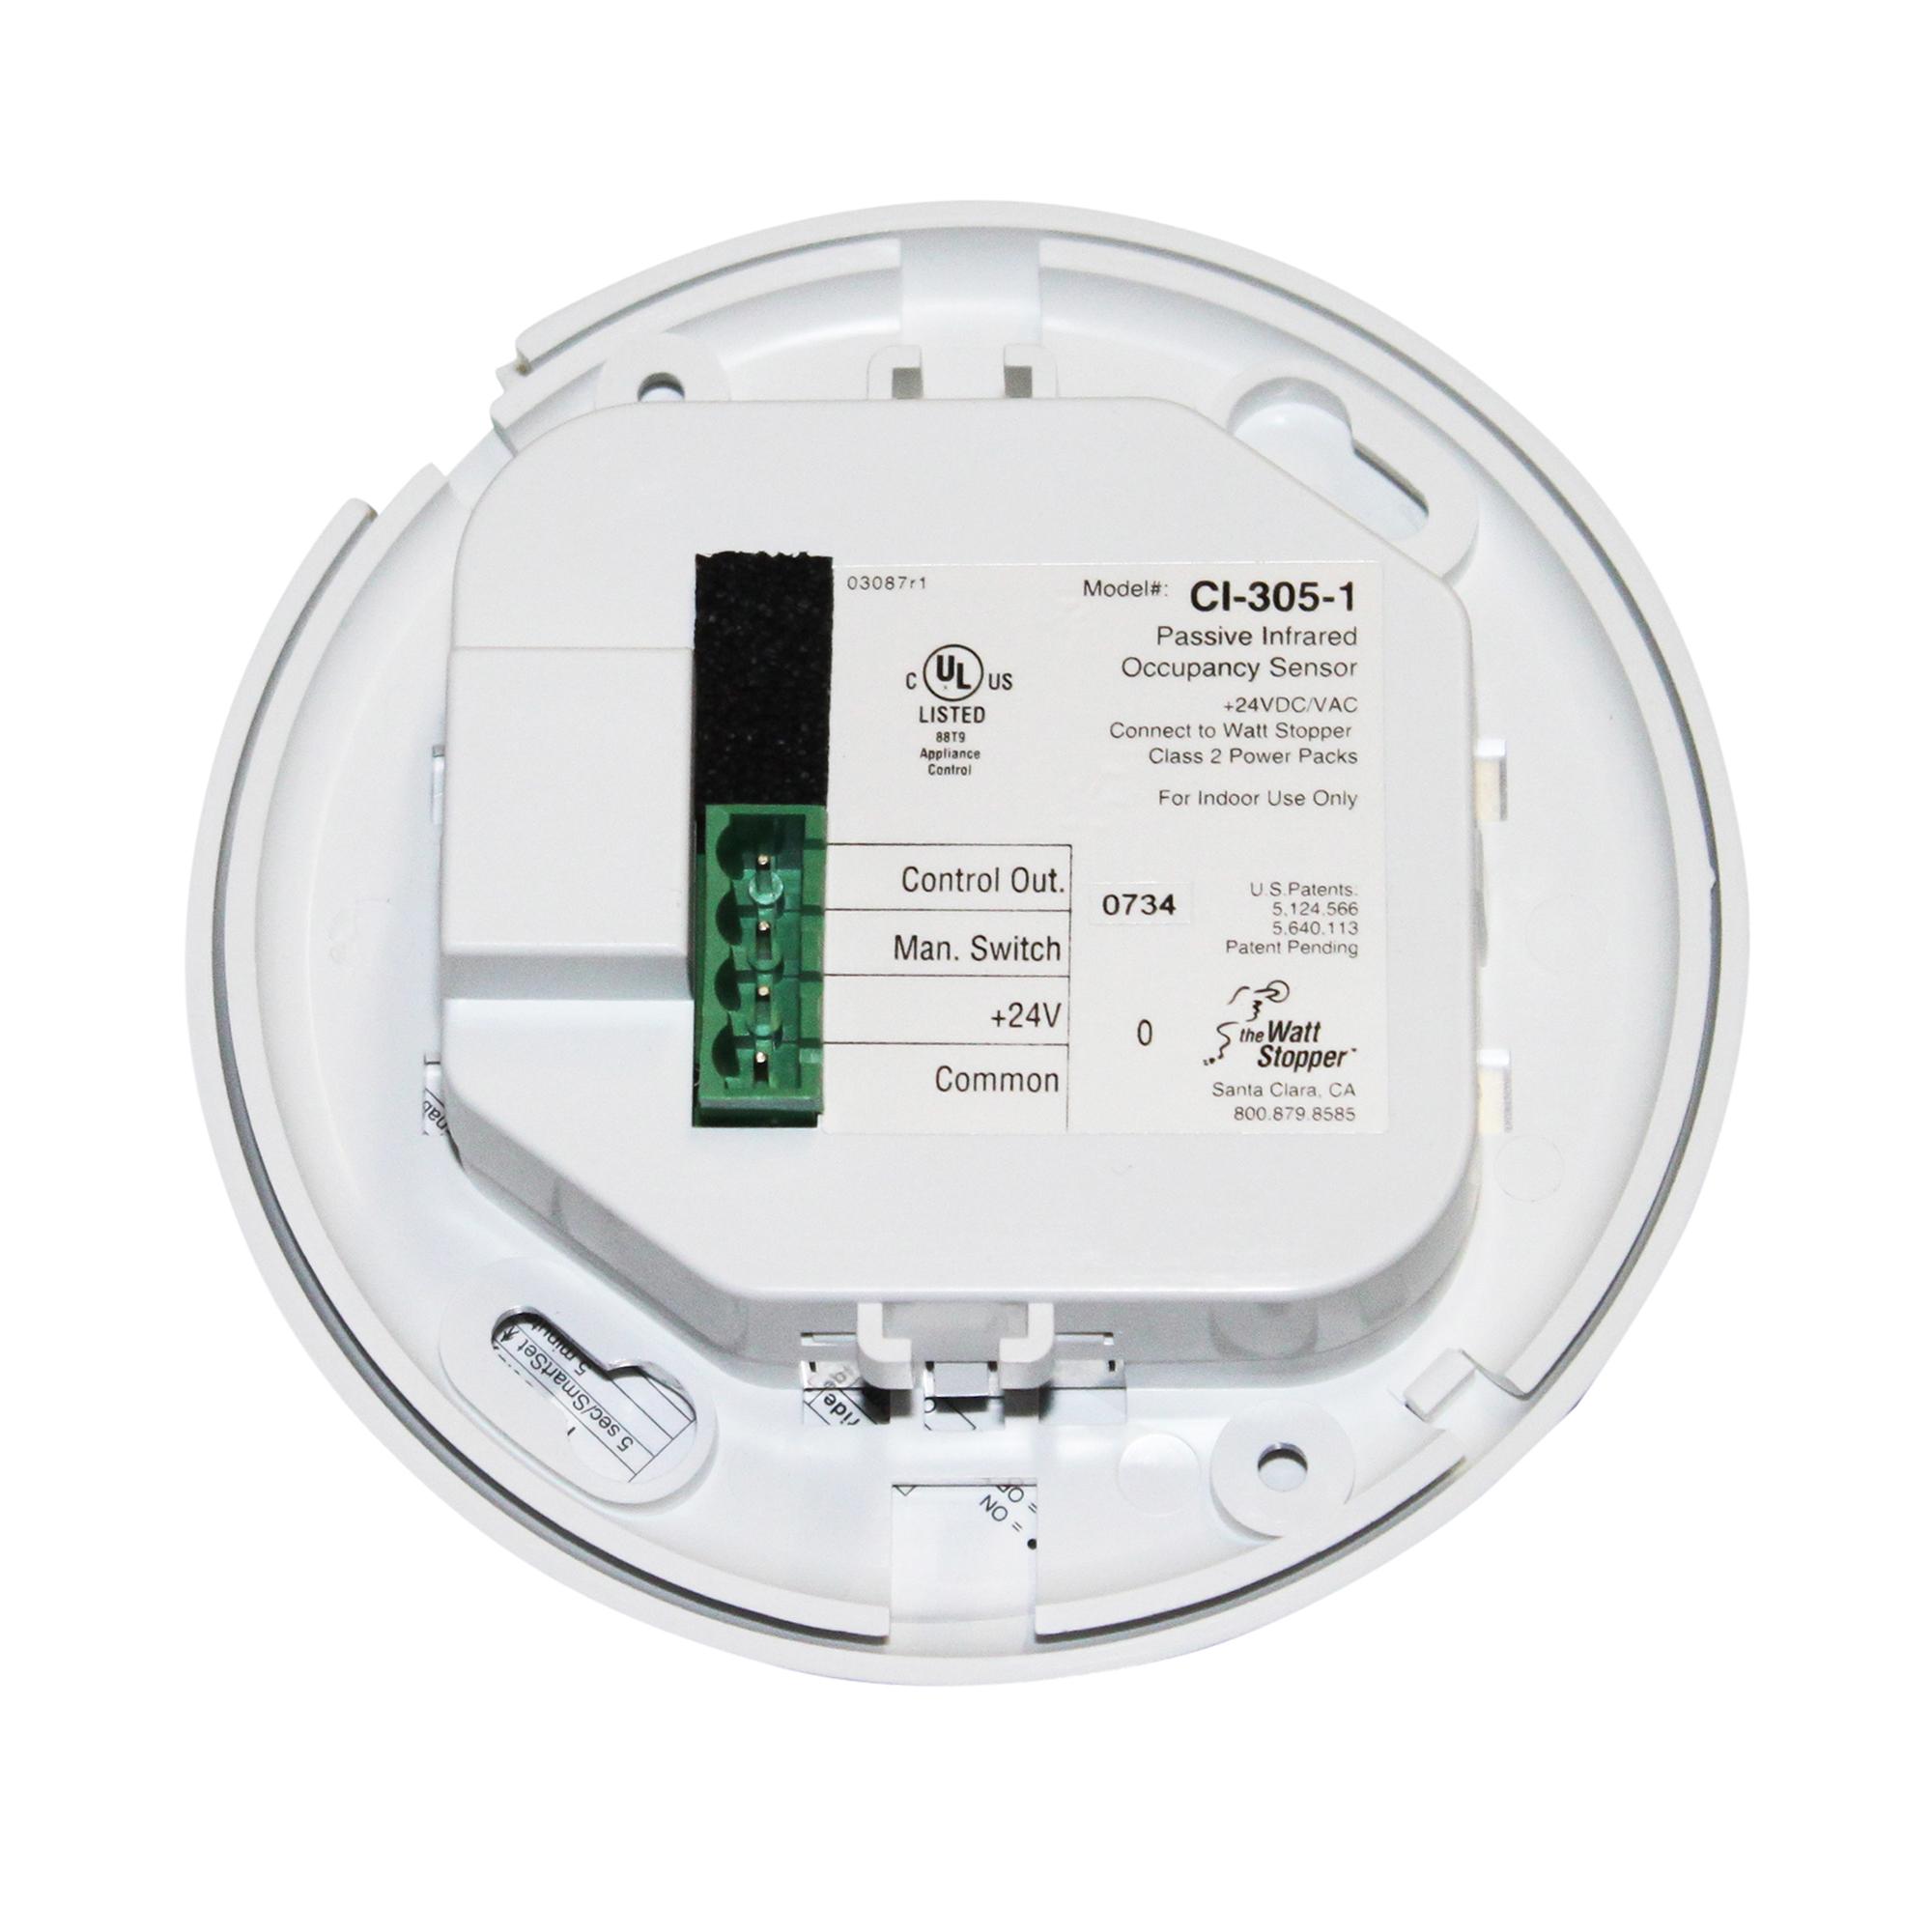 WATT STOPPER CI-305-1 360 OCCUPANCY SENSOR , 24VDC, WHITE